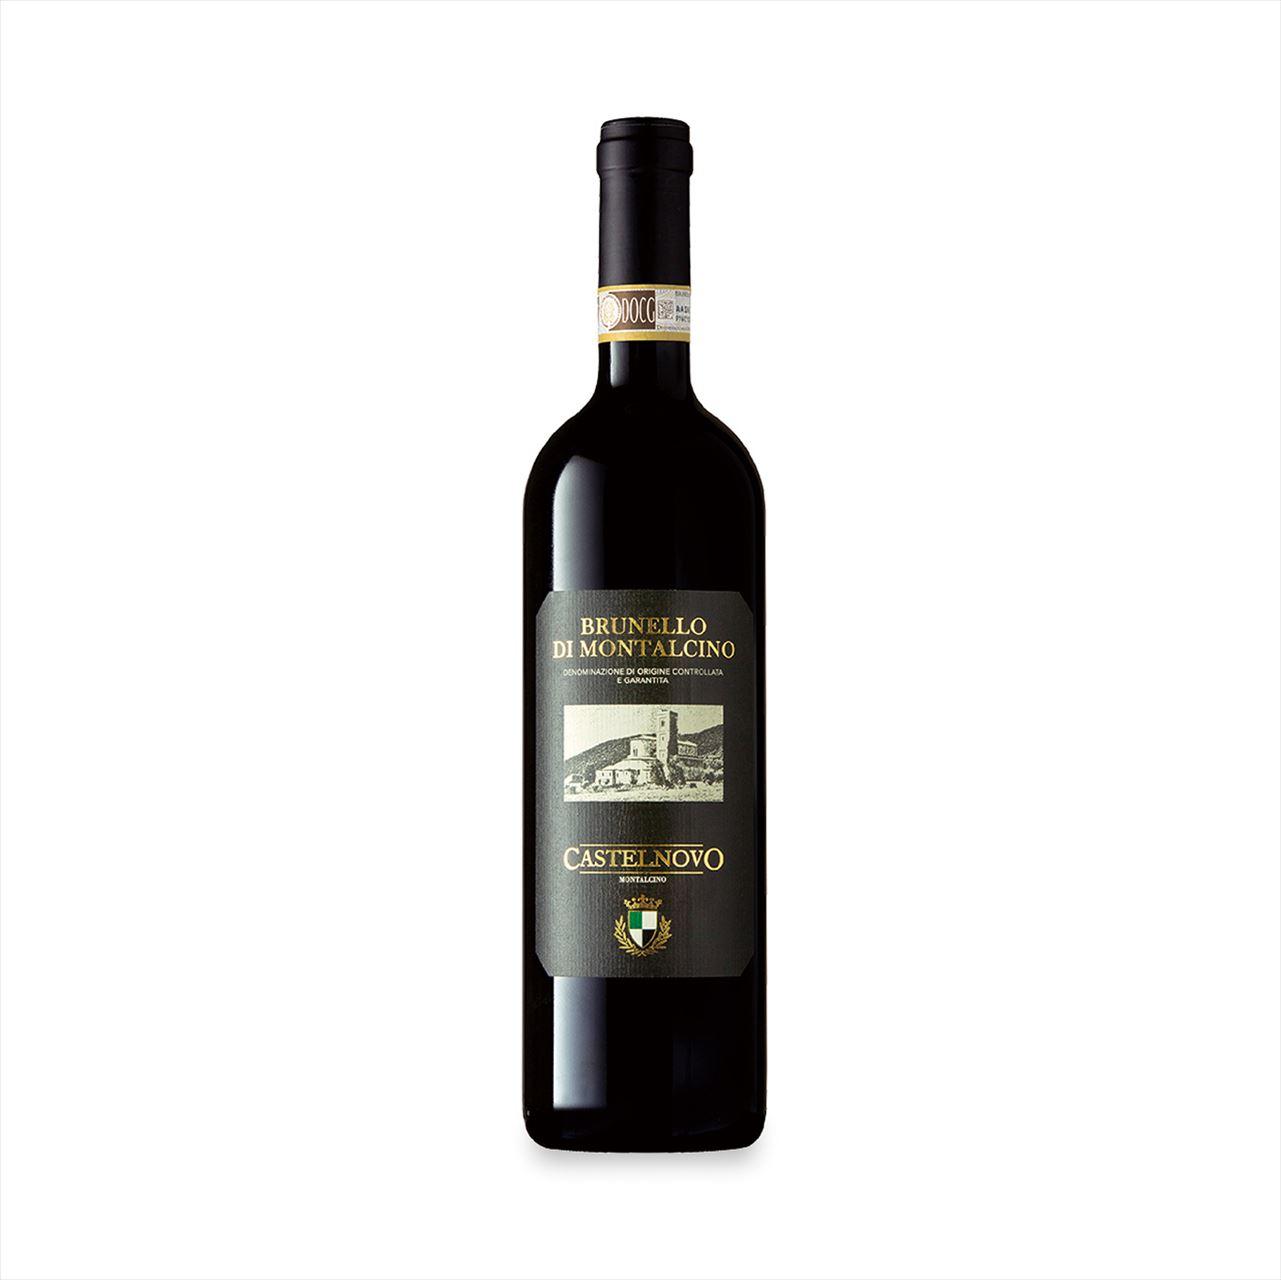 カルディ ワイン福袋 ブルネッロ